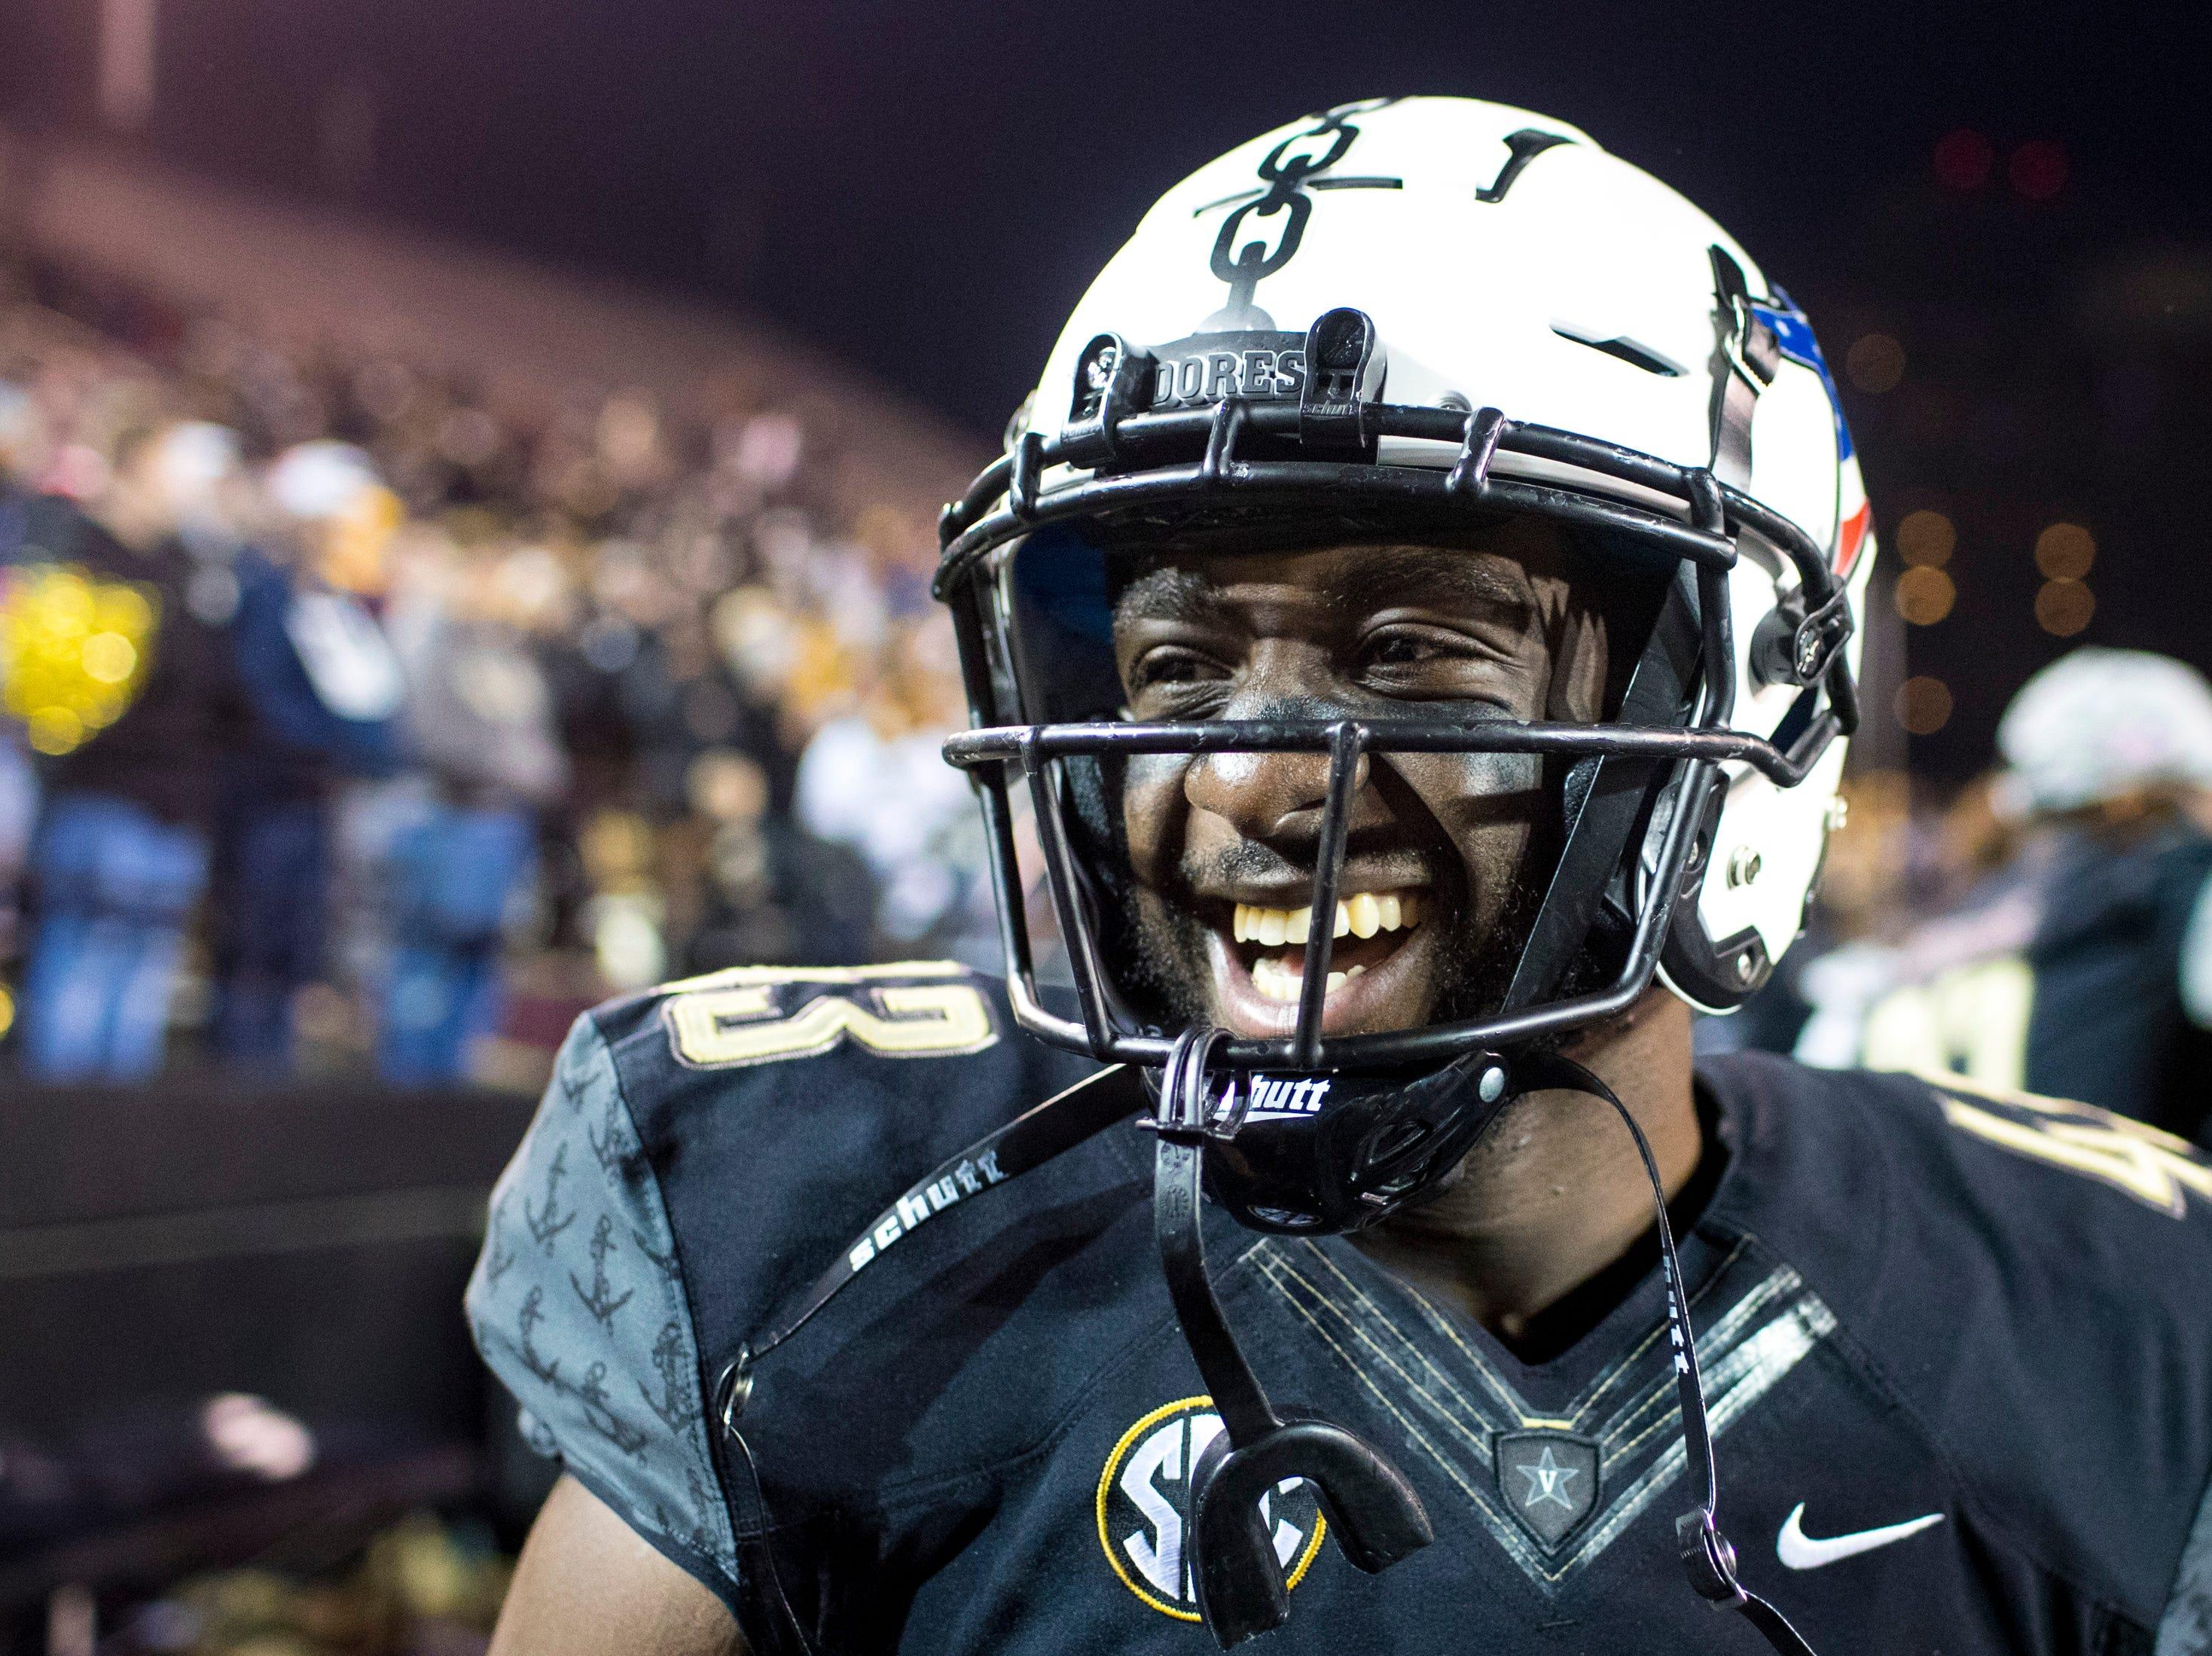 Vanderbilt fullback Josh Higgs (43) laughs during Vanderbilt's game against Ole Miss at Vanderbilt Stadium in Nashville on Saturday, Nov. 17, 2018.